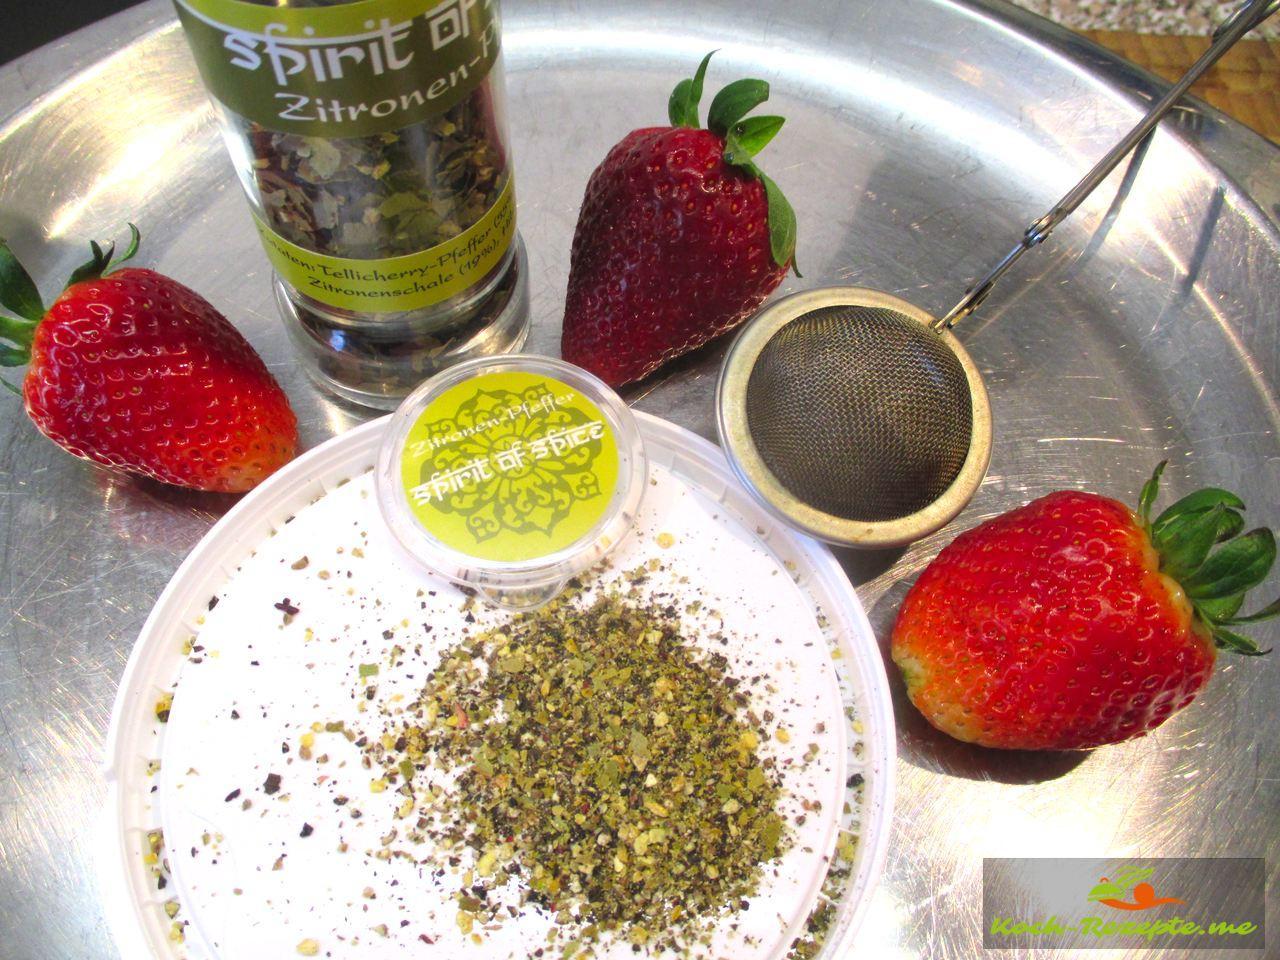 Aus der Mühle frisch geriebenen Zitronen-Pfeffer für mein Rezept mit Erdbeeren und Rhabarber